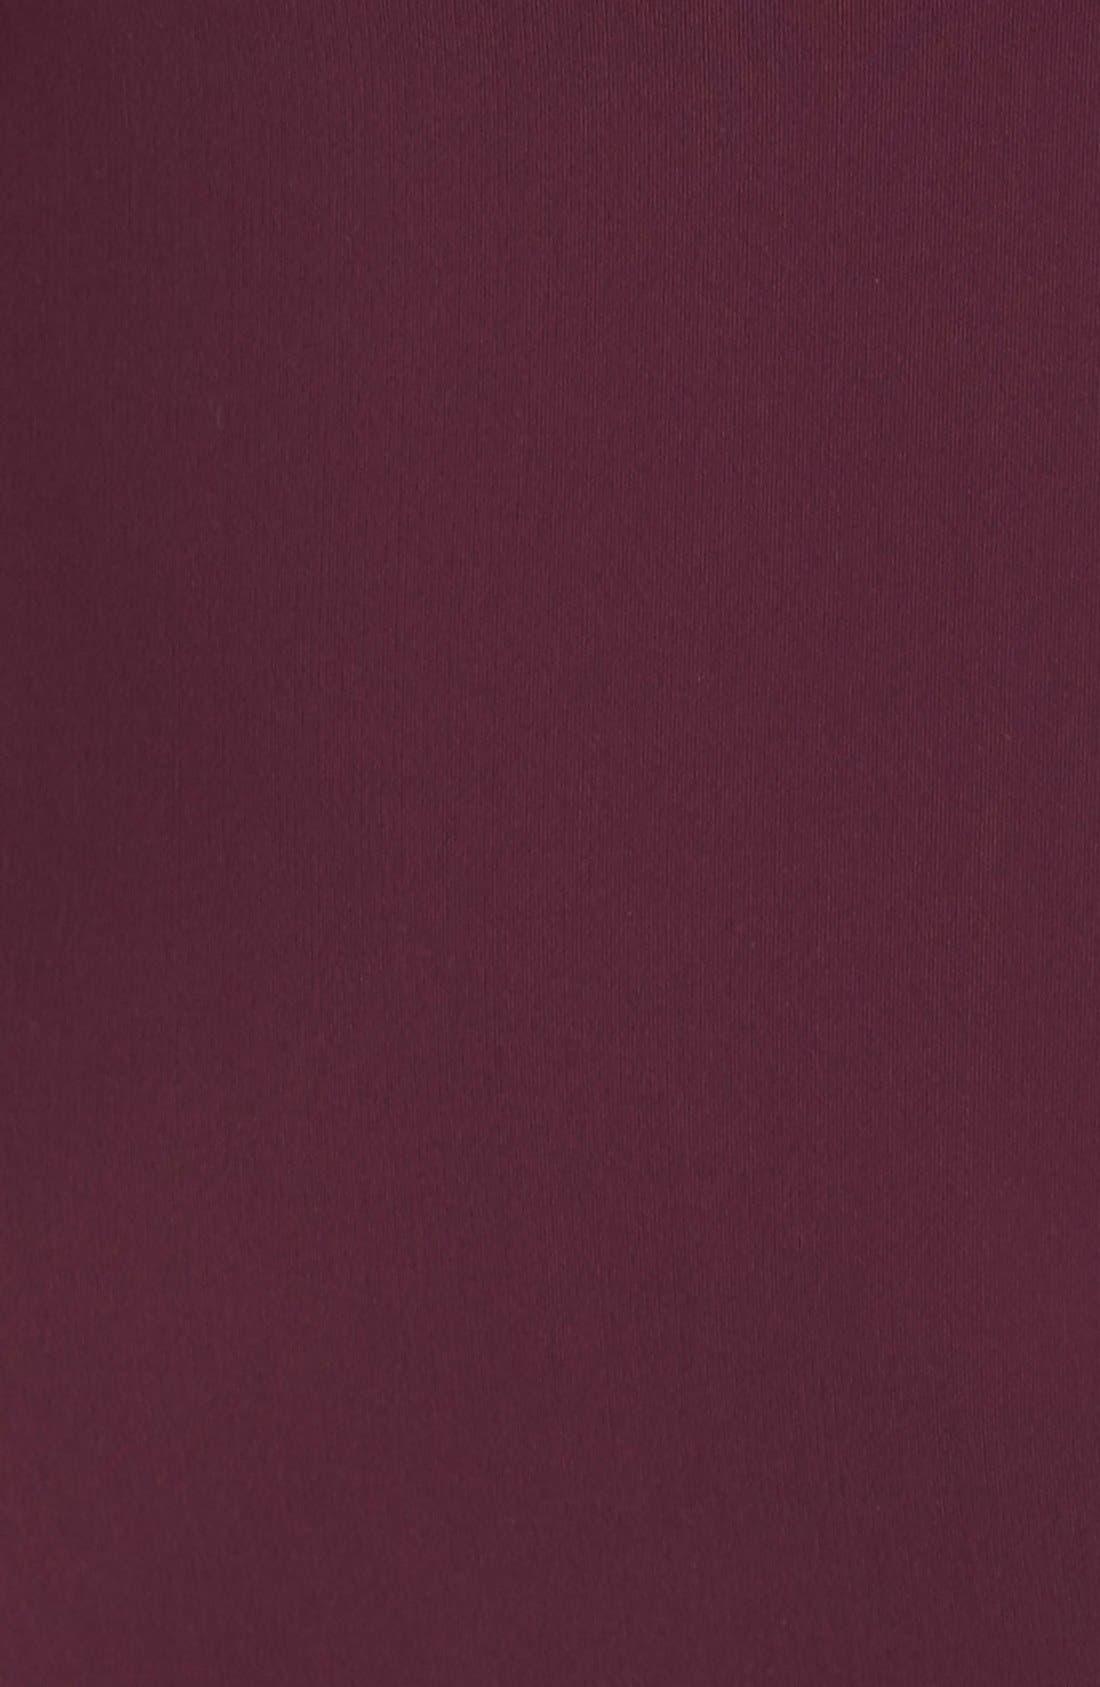 CHIARA BONI LA PETITE ROBE,                             'Triana' Jersey Sheath Dress,                             Alternate thumbnail 2, color,                             501